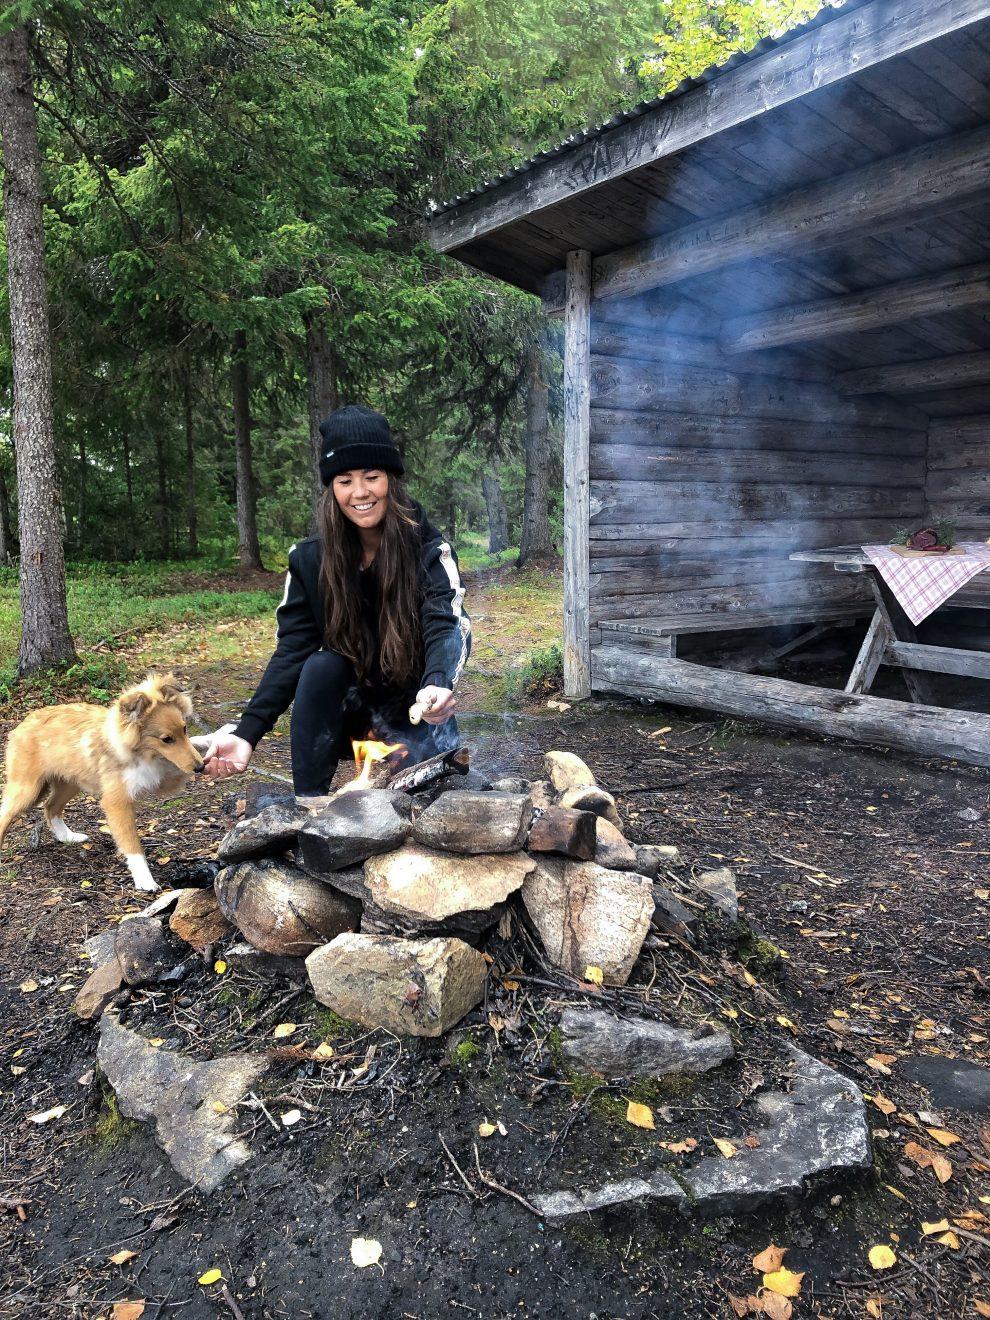 Vakantie in de wildernis van Zweden - lunchen in de wildernis van Zweden, Vildmarksvägen, Wilderness Road Zweden, op vakantie in Jamtland.